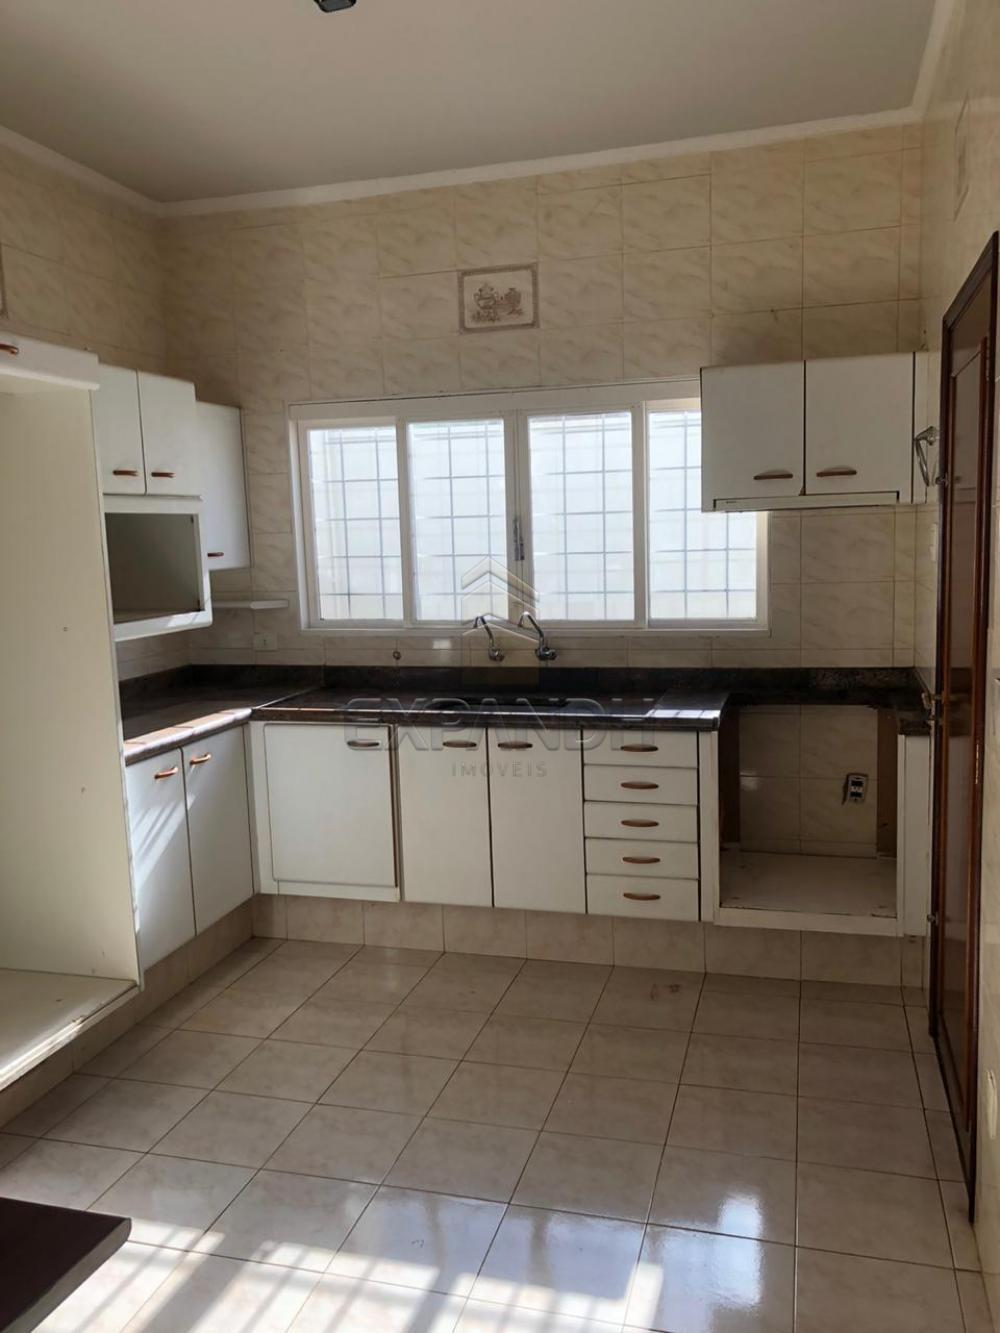 Alugar Casas / Padrão em Sertãozinho R$ 1.300,00 - Foto 10